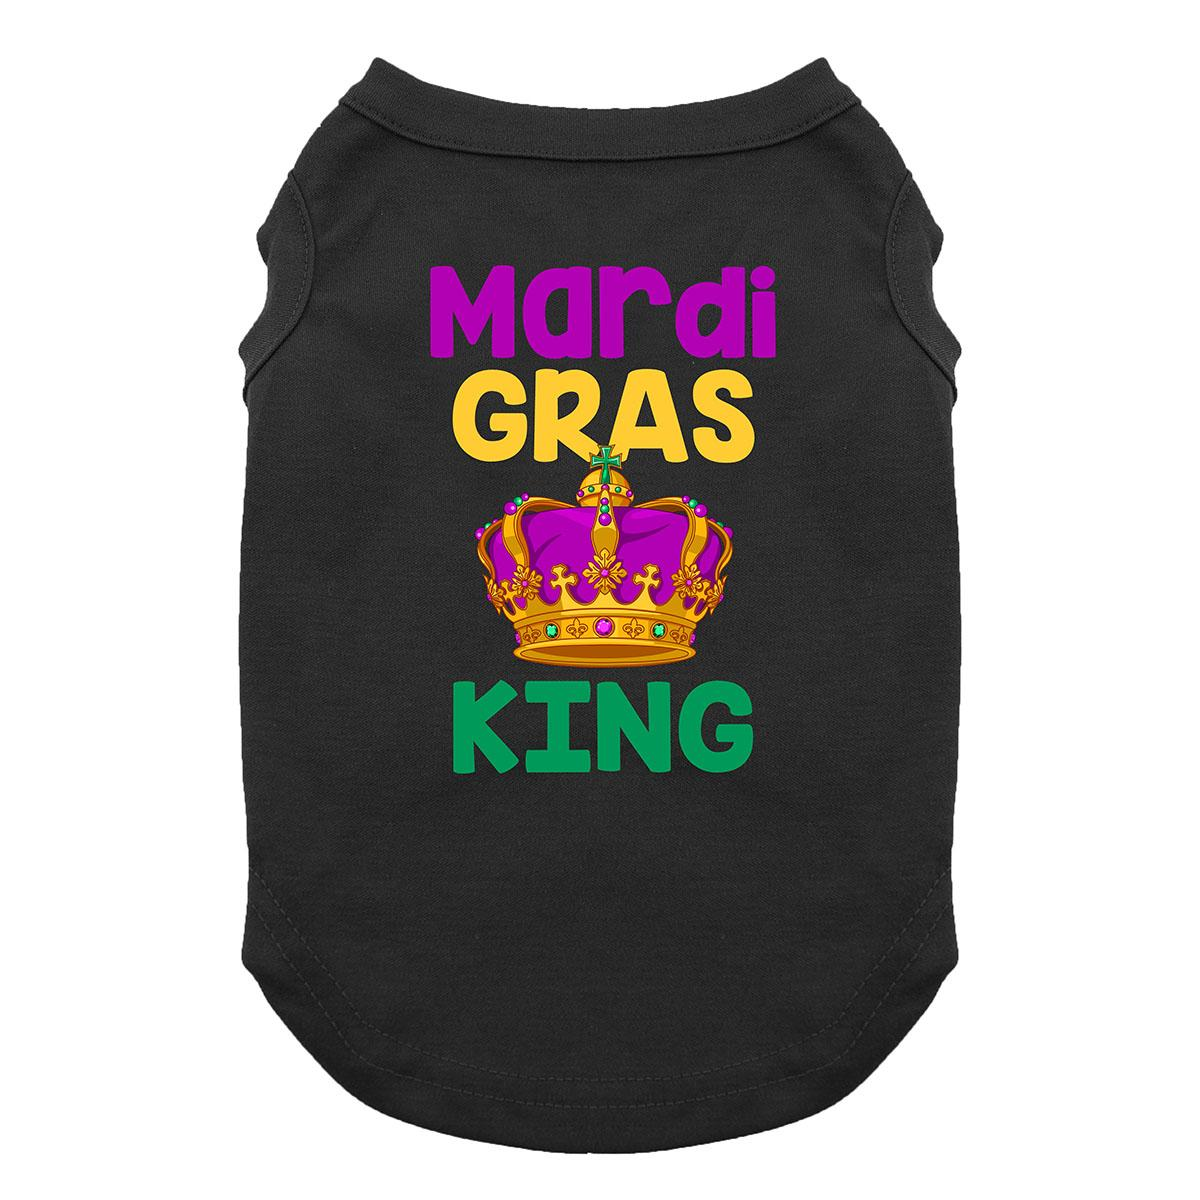 Mardi Gras King Dog Shirt - Black